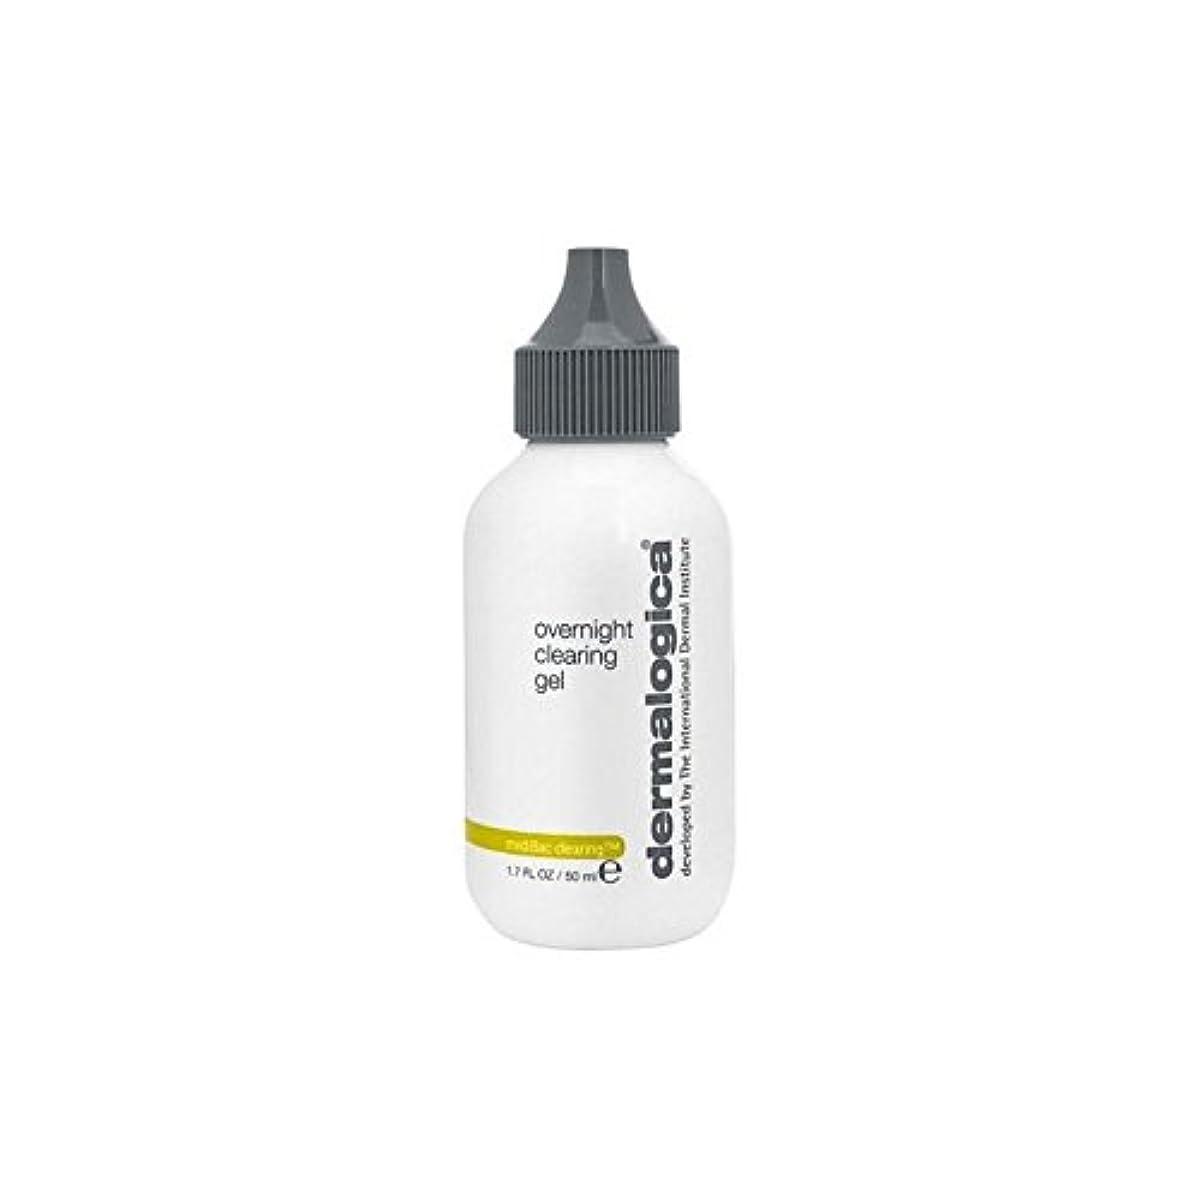 誰もベリーサンダースダーマロジカ一晩透明ゲル(50)中 x4 - Dermalogica Medibac Overnight Clearing Gel (50ml) (Pack of 4) [並行輸入品]